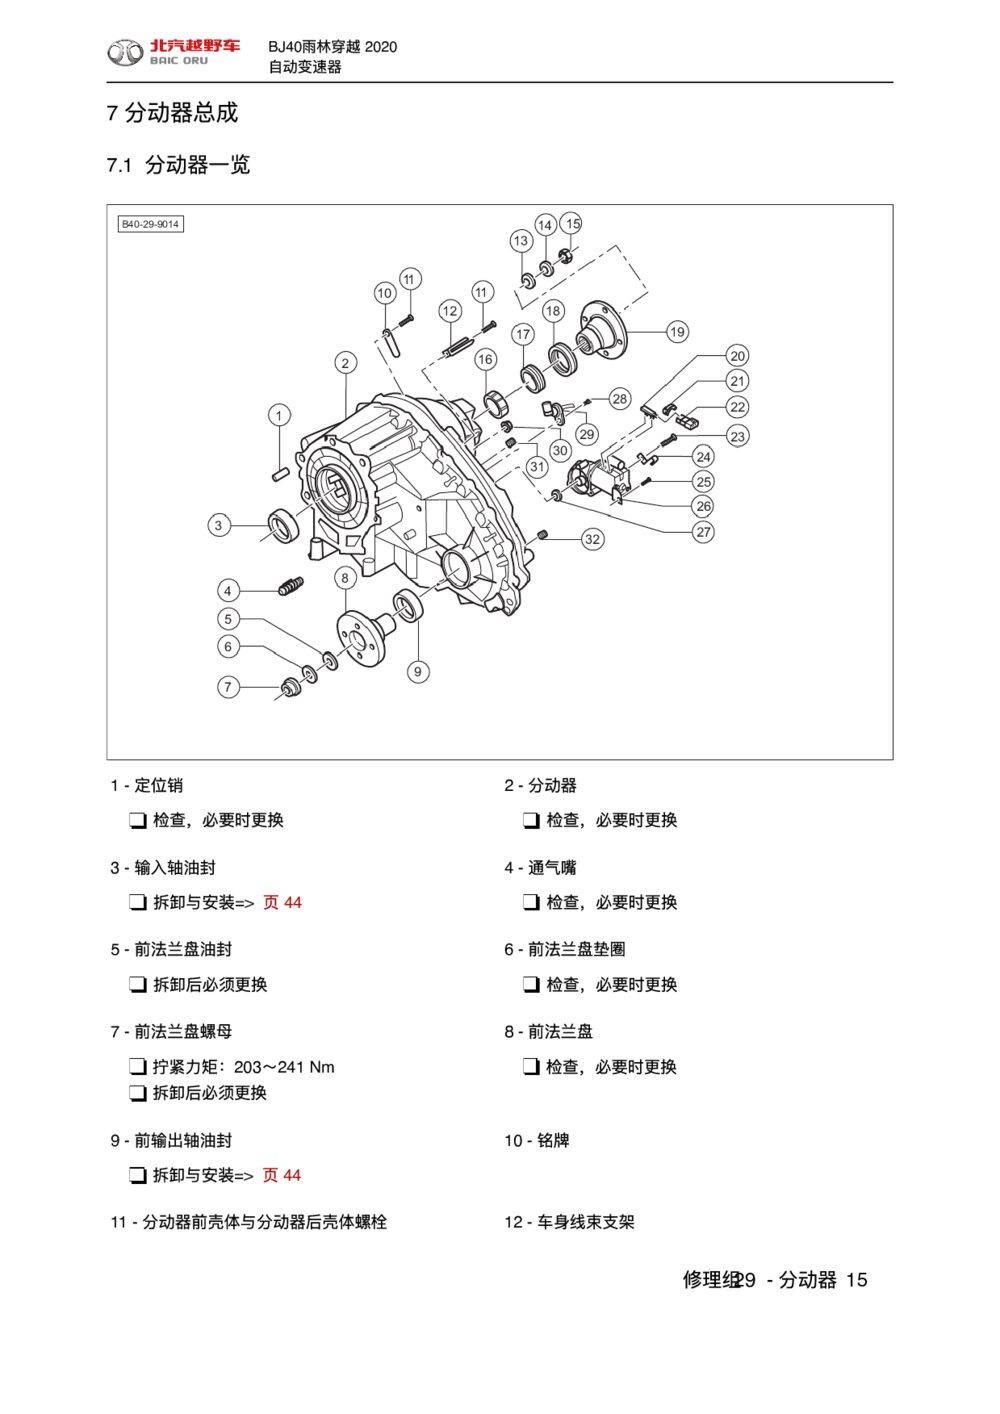 2020款北京BJ40雨林穿越版分动器总成手册